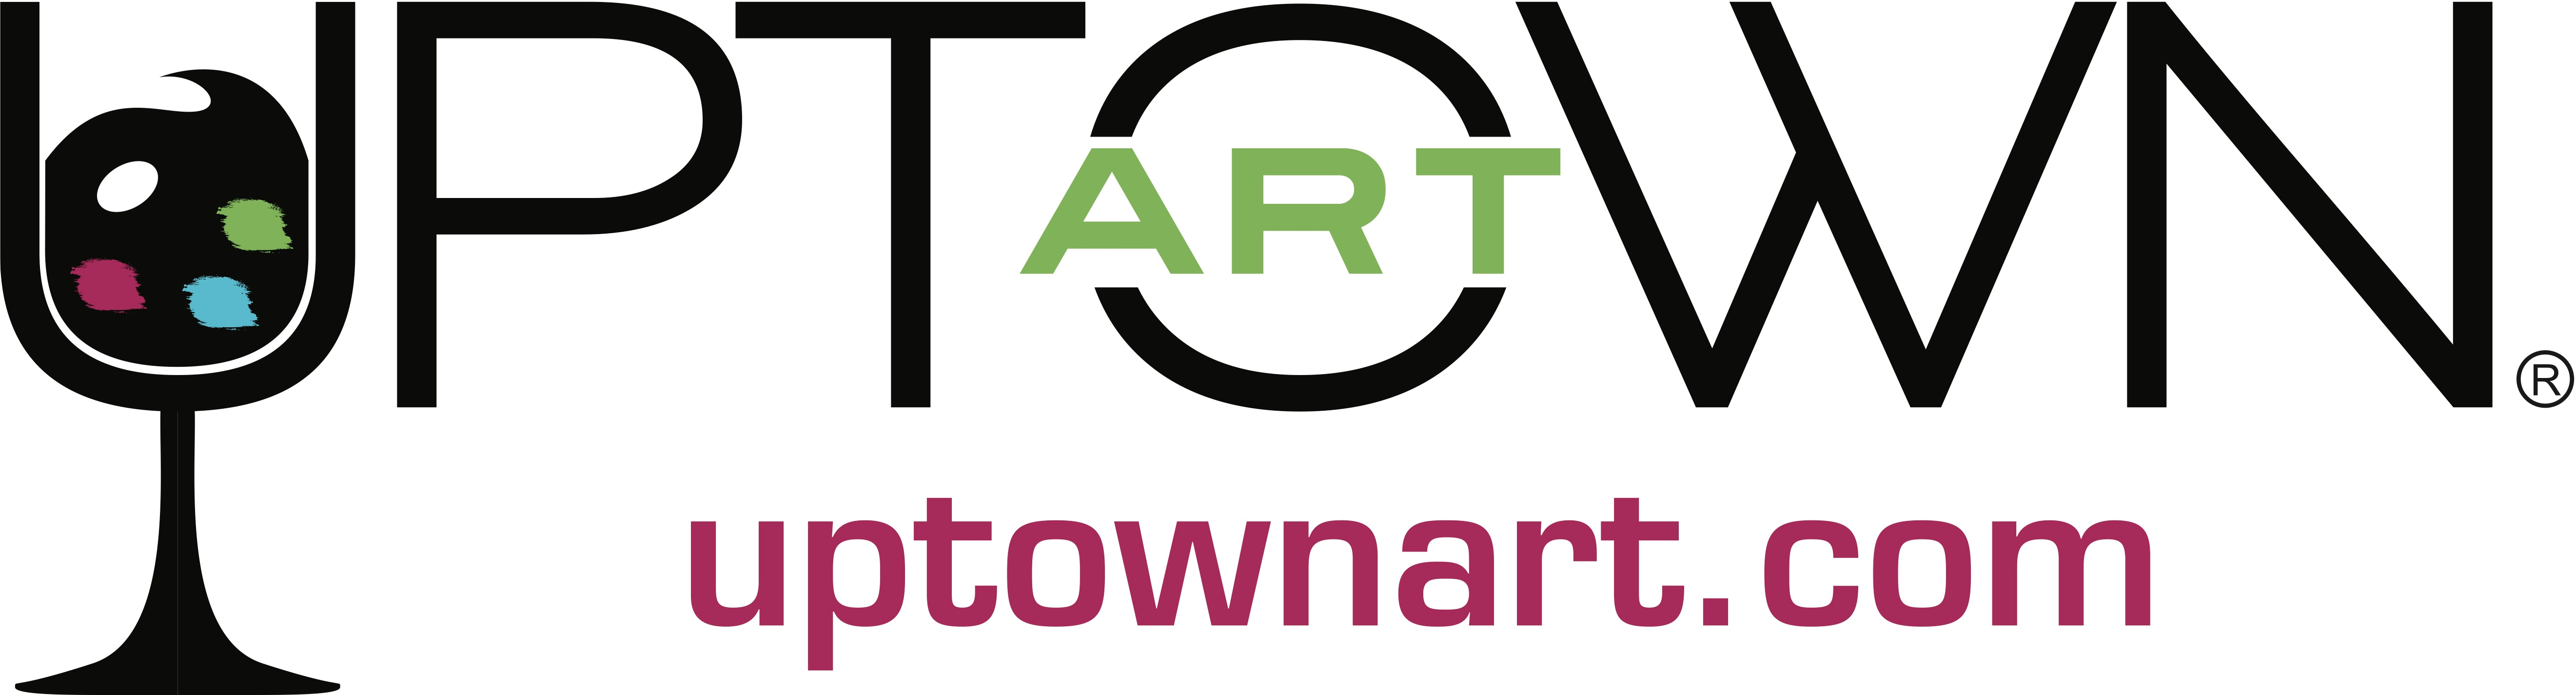 Uptown Art  * Meet Drink & Paint Happy